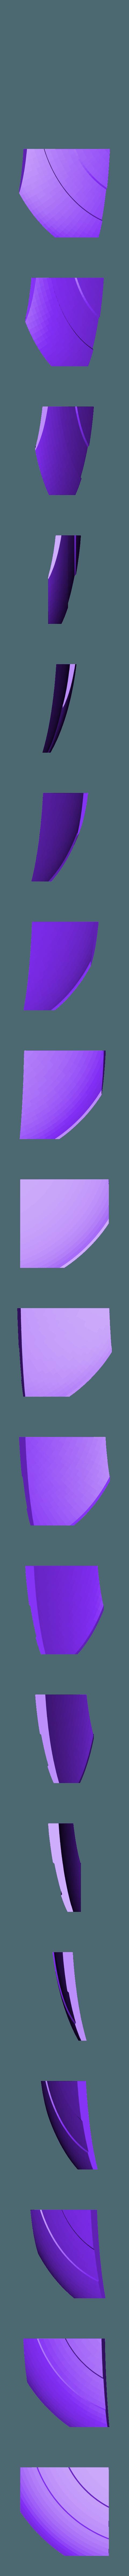 15.STL Télécharger fichier STL gratuit Bouclier du capitaine amérique (Entièrement détaillé) • Design pour imprimante 3D, Absolute3D